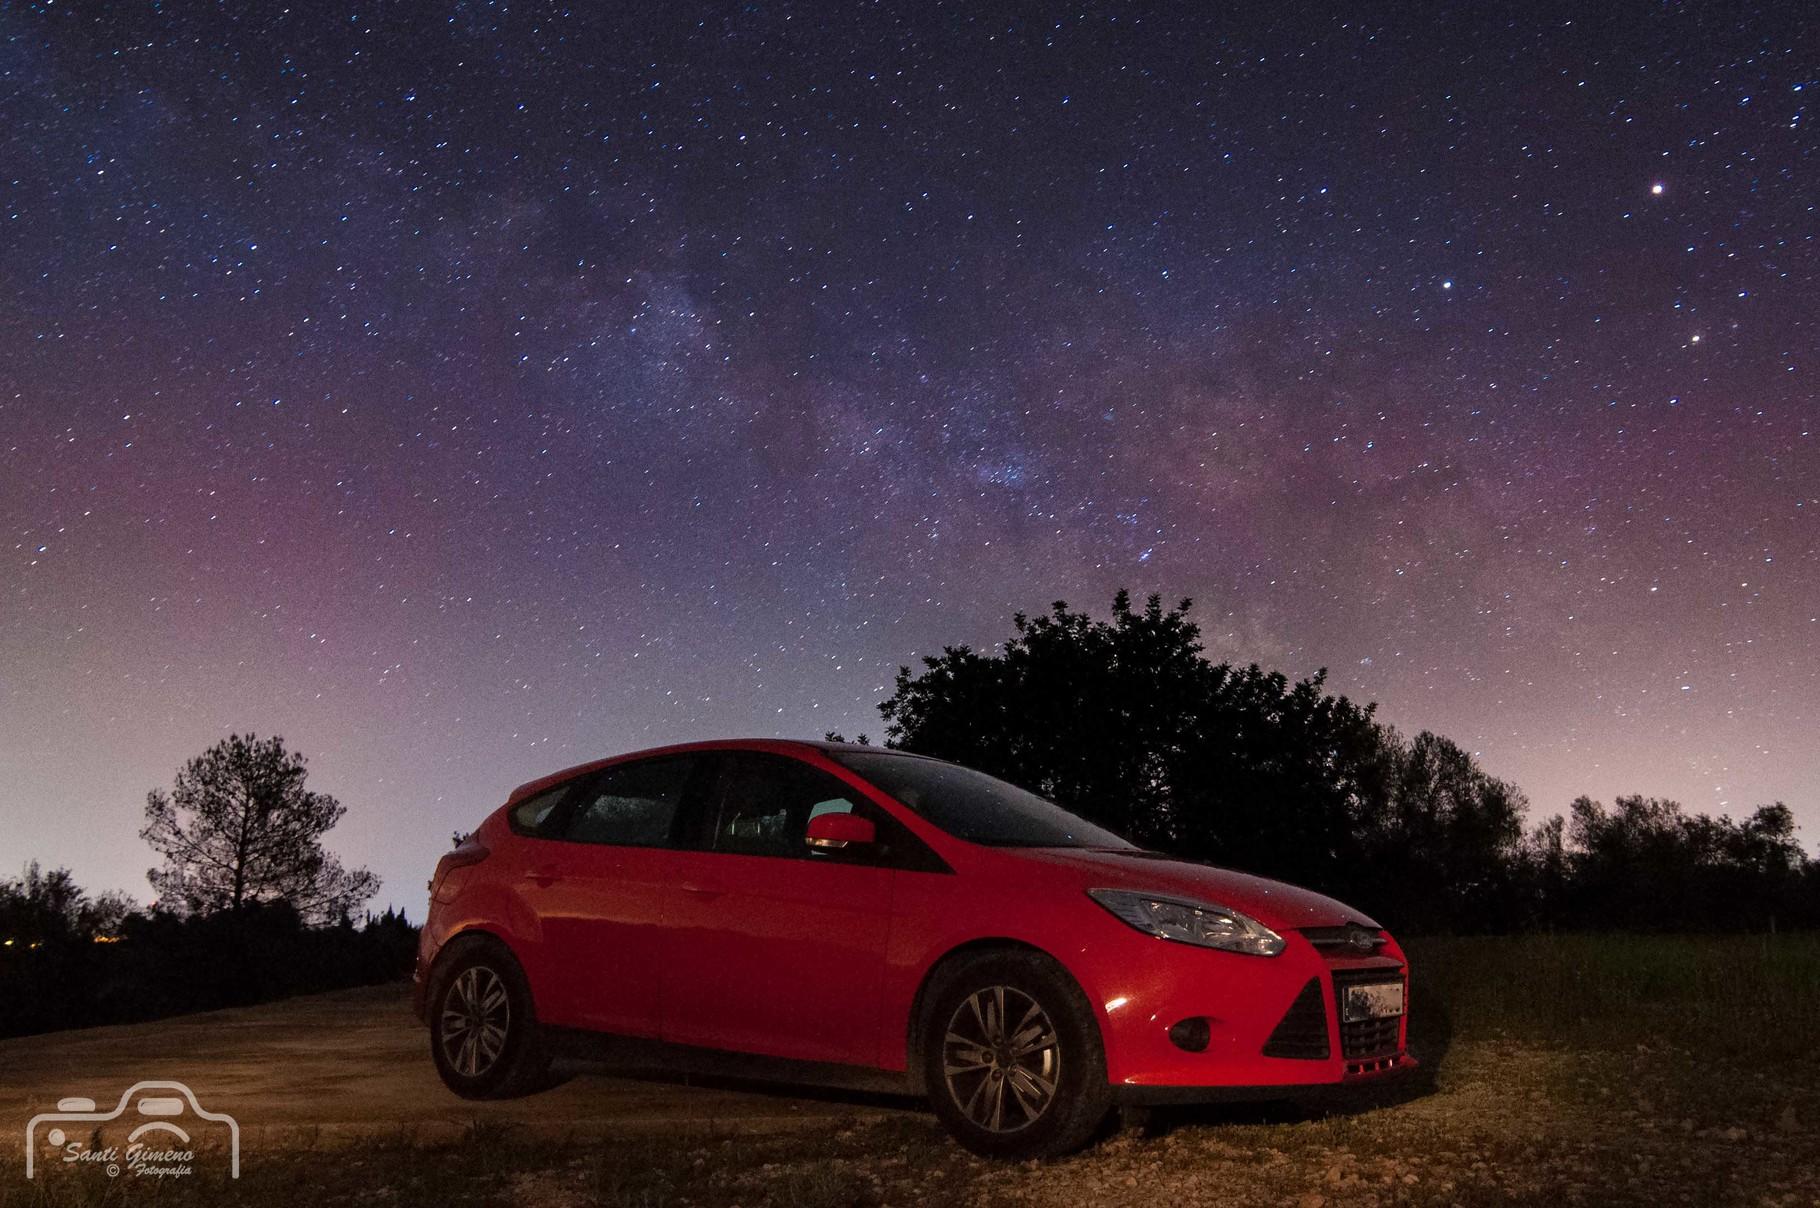 Aquest cotxe no se si anira fins l' infinit i mes enllà, de moment ha arribat al centre galàctic